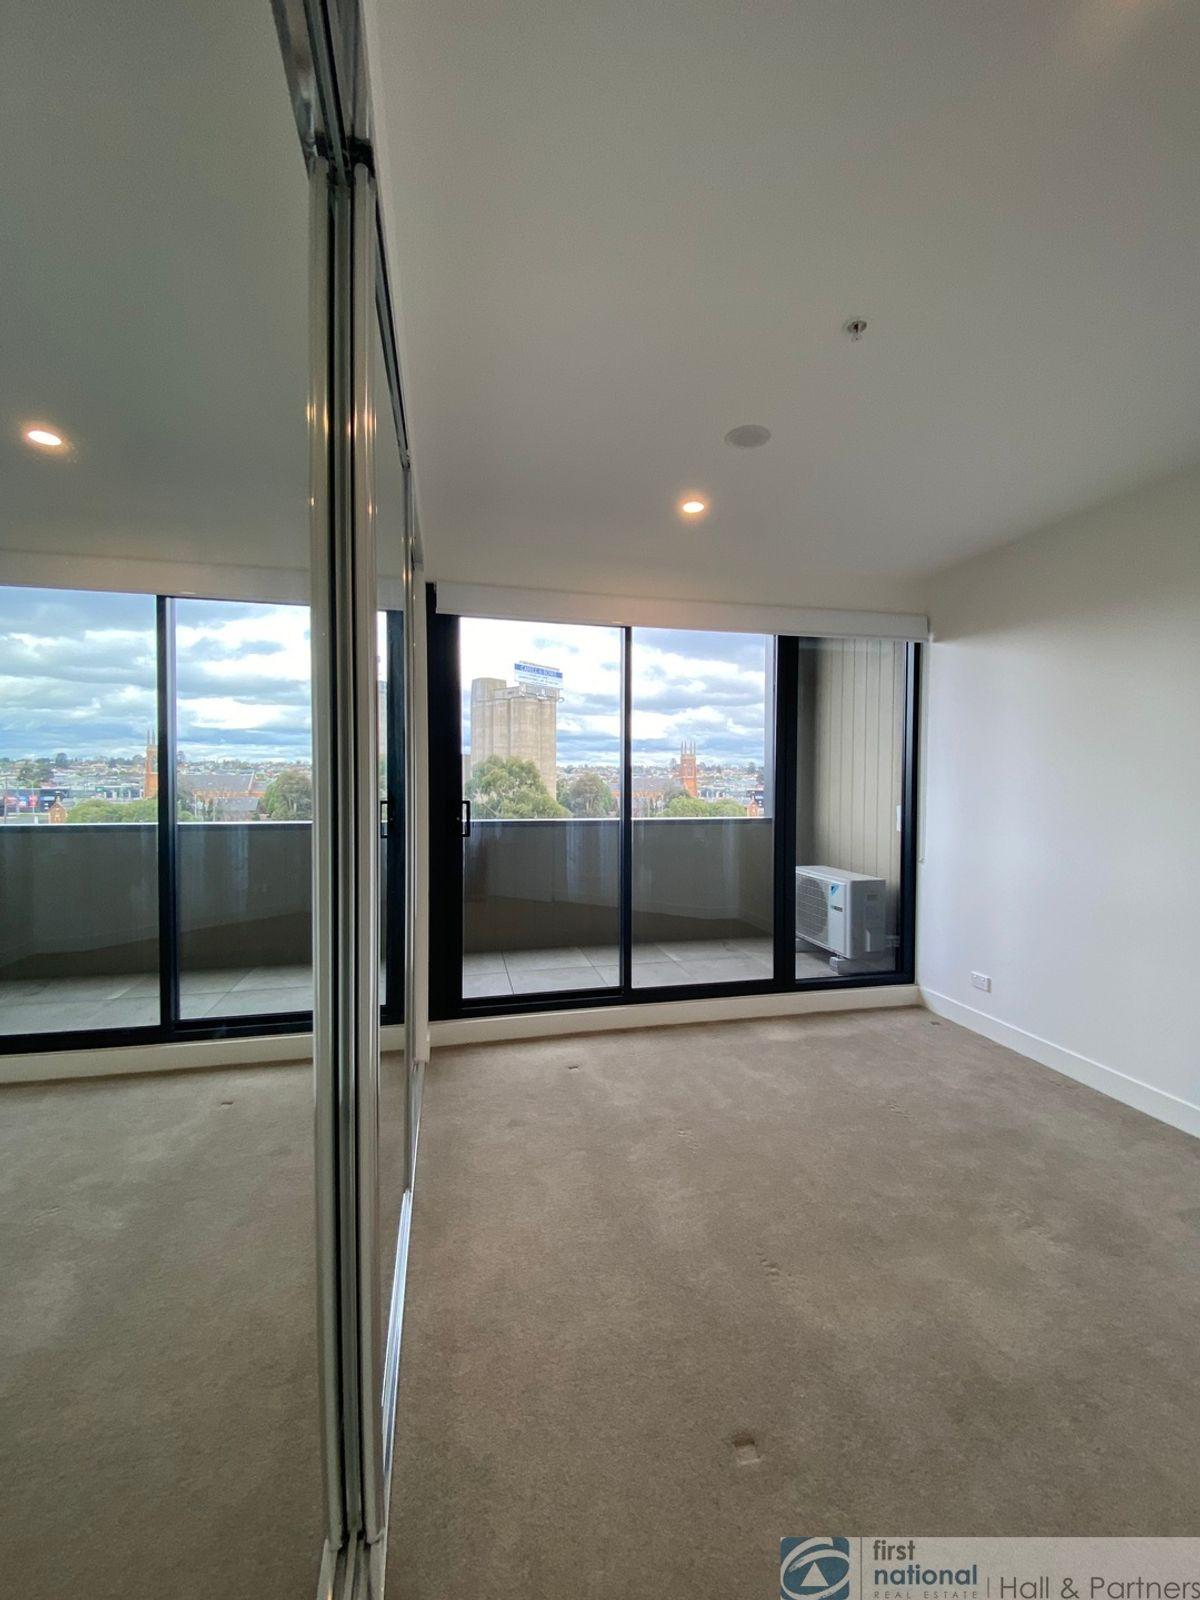 407/53 Mercer Street, Geelong, VIC 3220